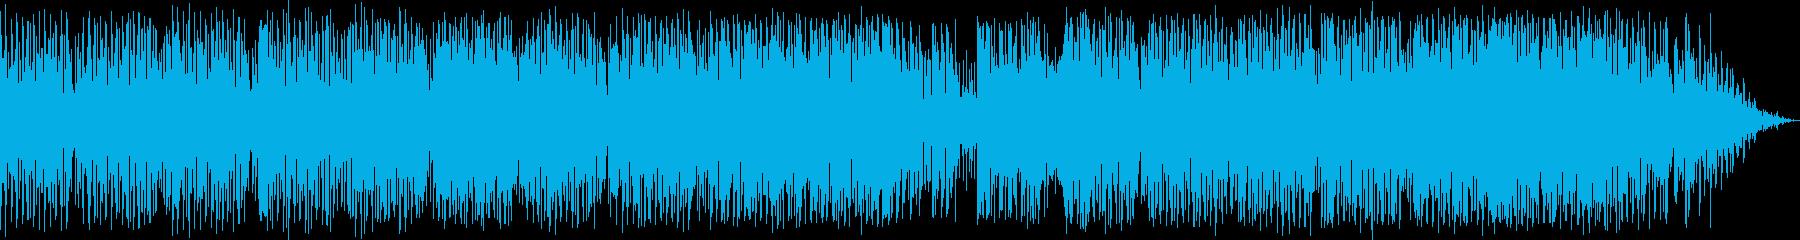 ファンキーなアンダースコアのギリシ...の再生済みの波形